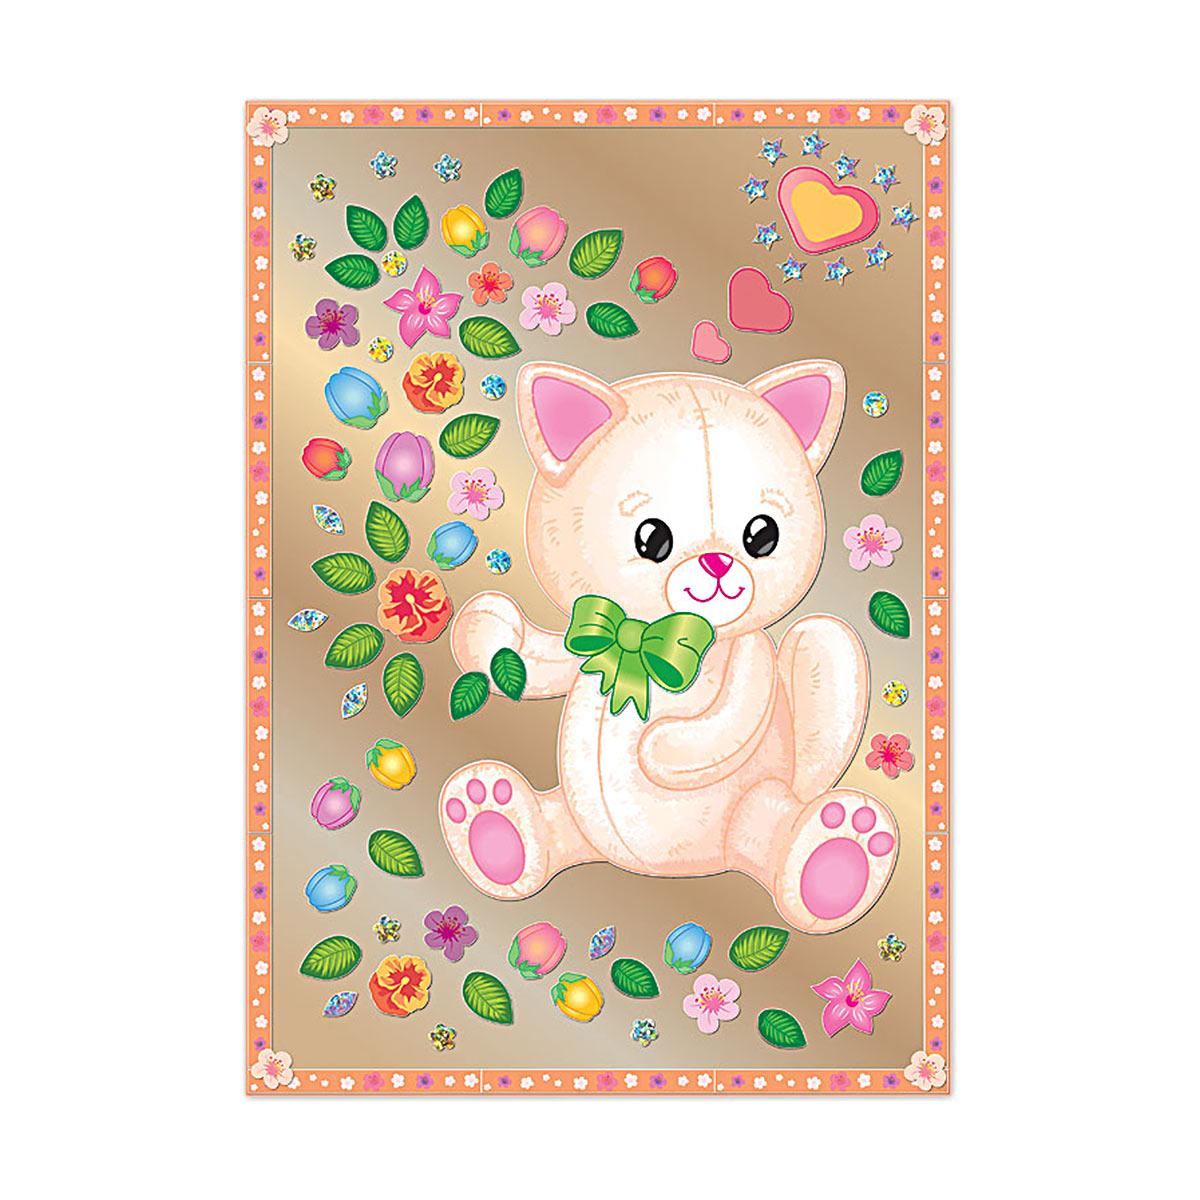 АС 43-240 Набор для изготовления картины 'Котик с цветами' (антистресс) 295*210 мм Клевер